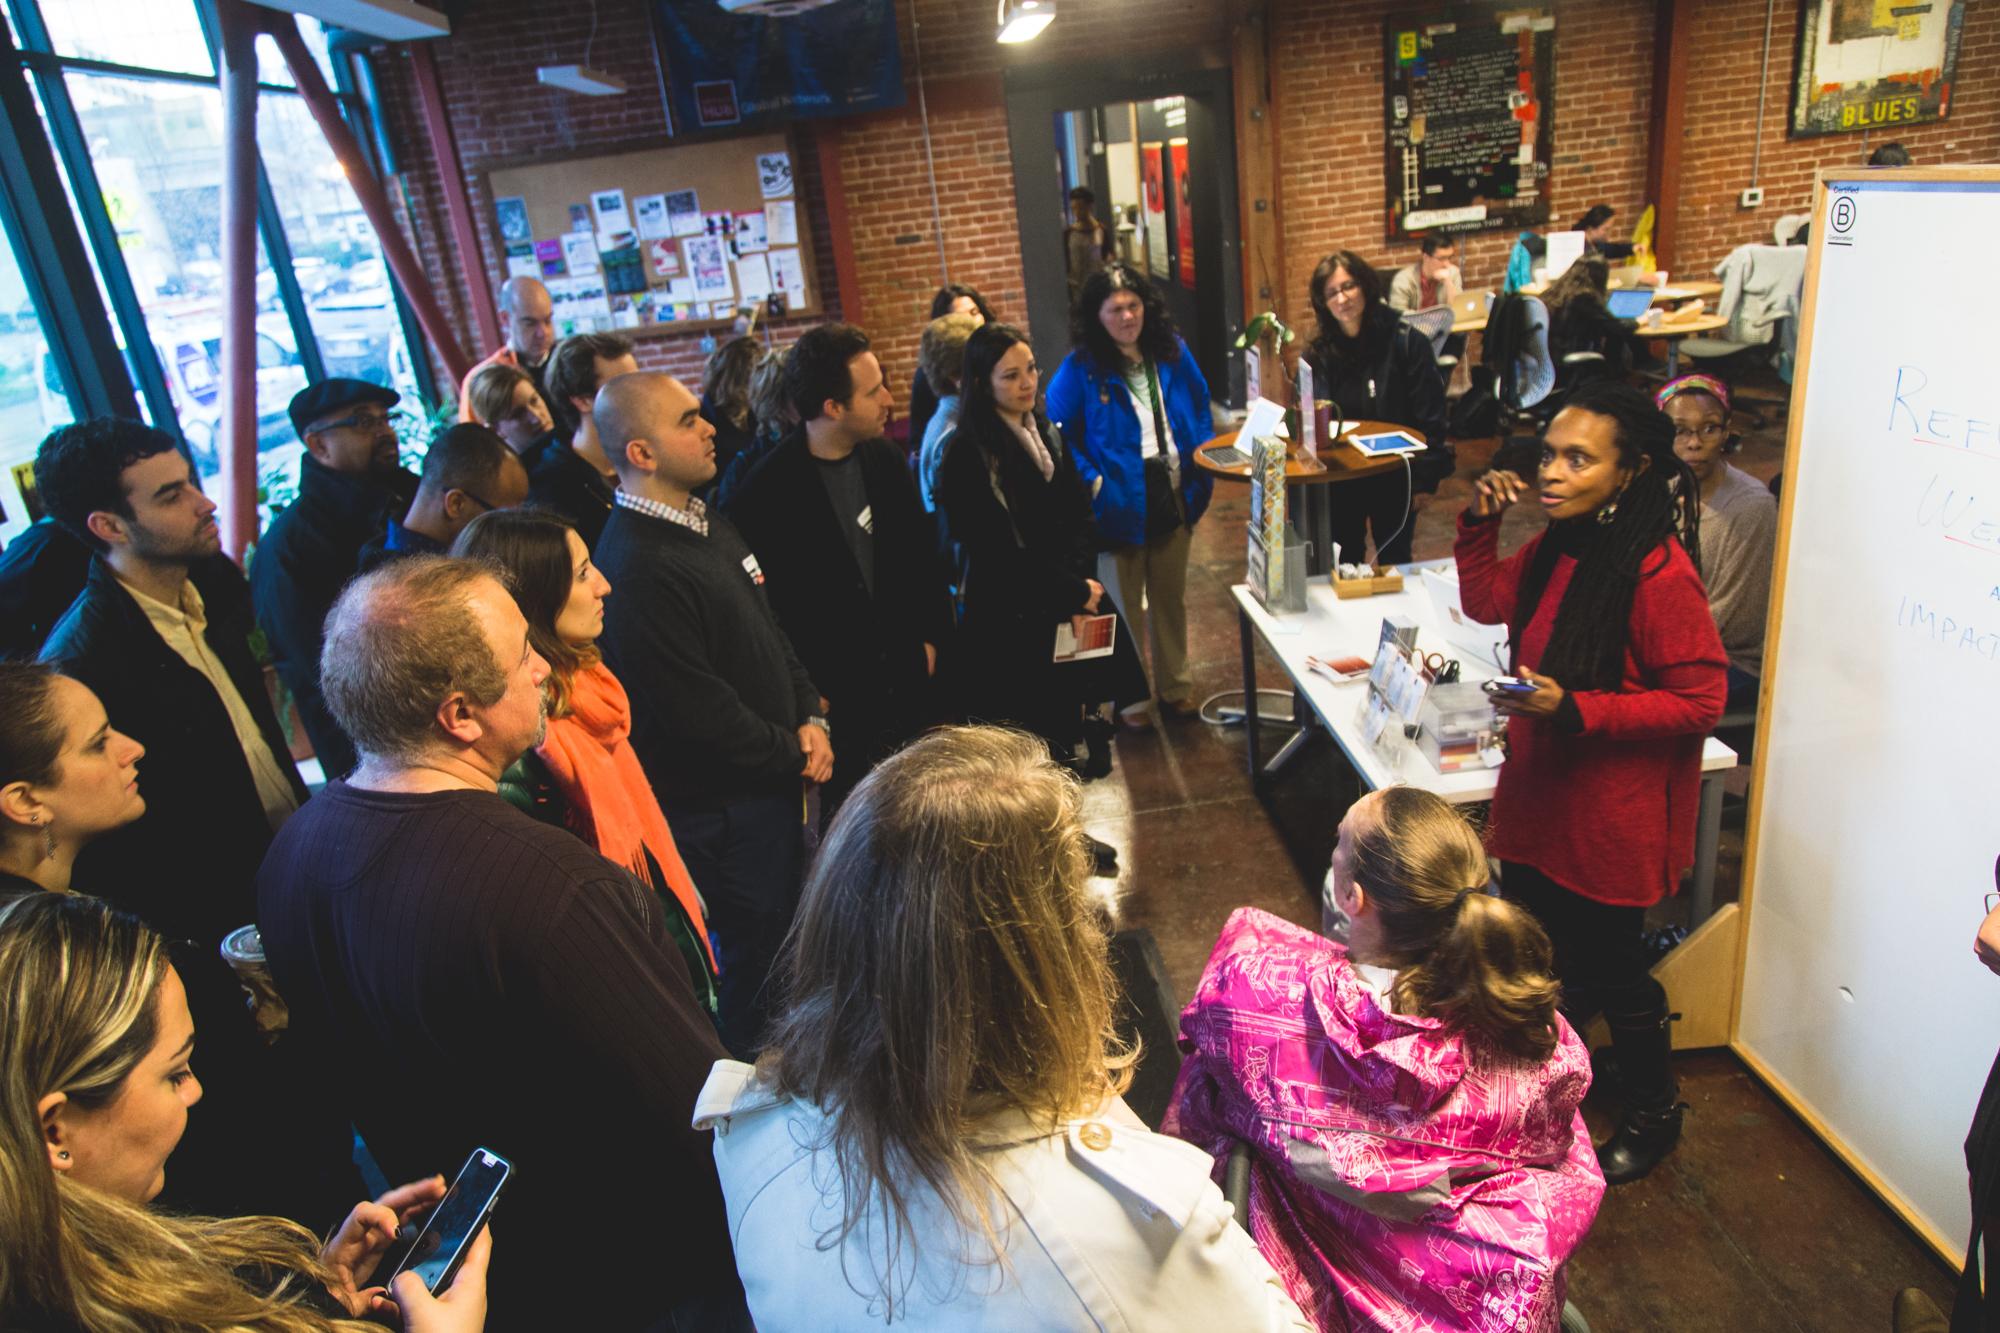 Konda Mason, co-founder of Impact HUB Oakland shares the HUB's story.